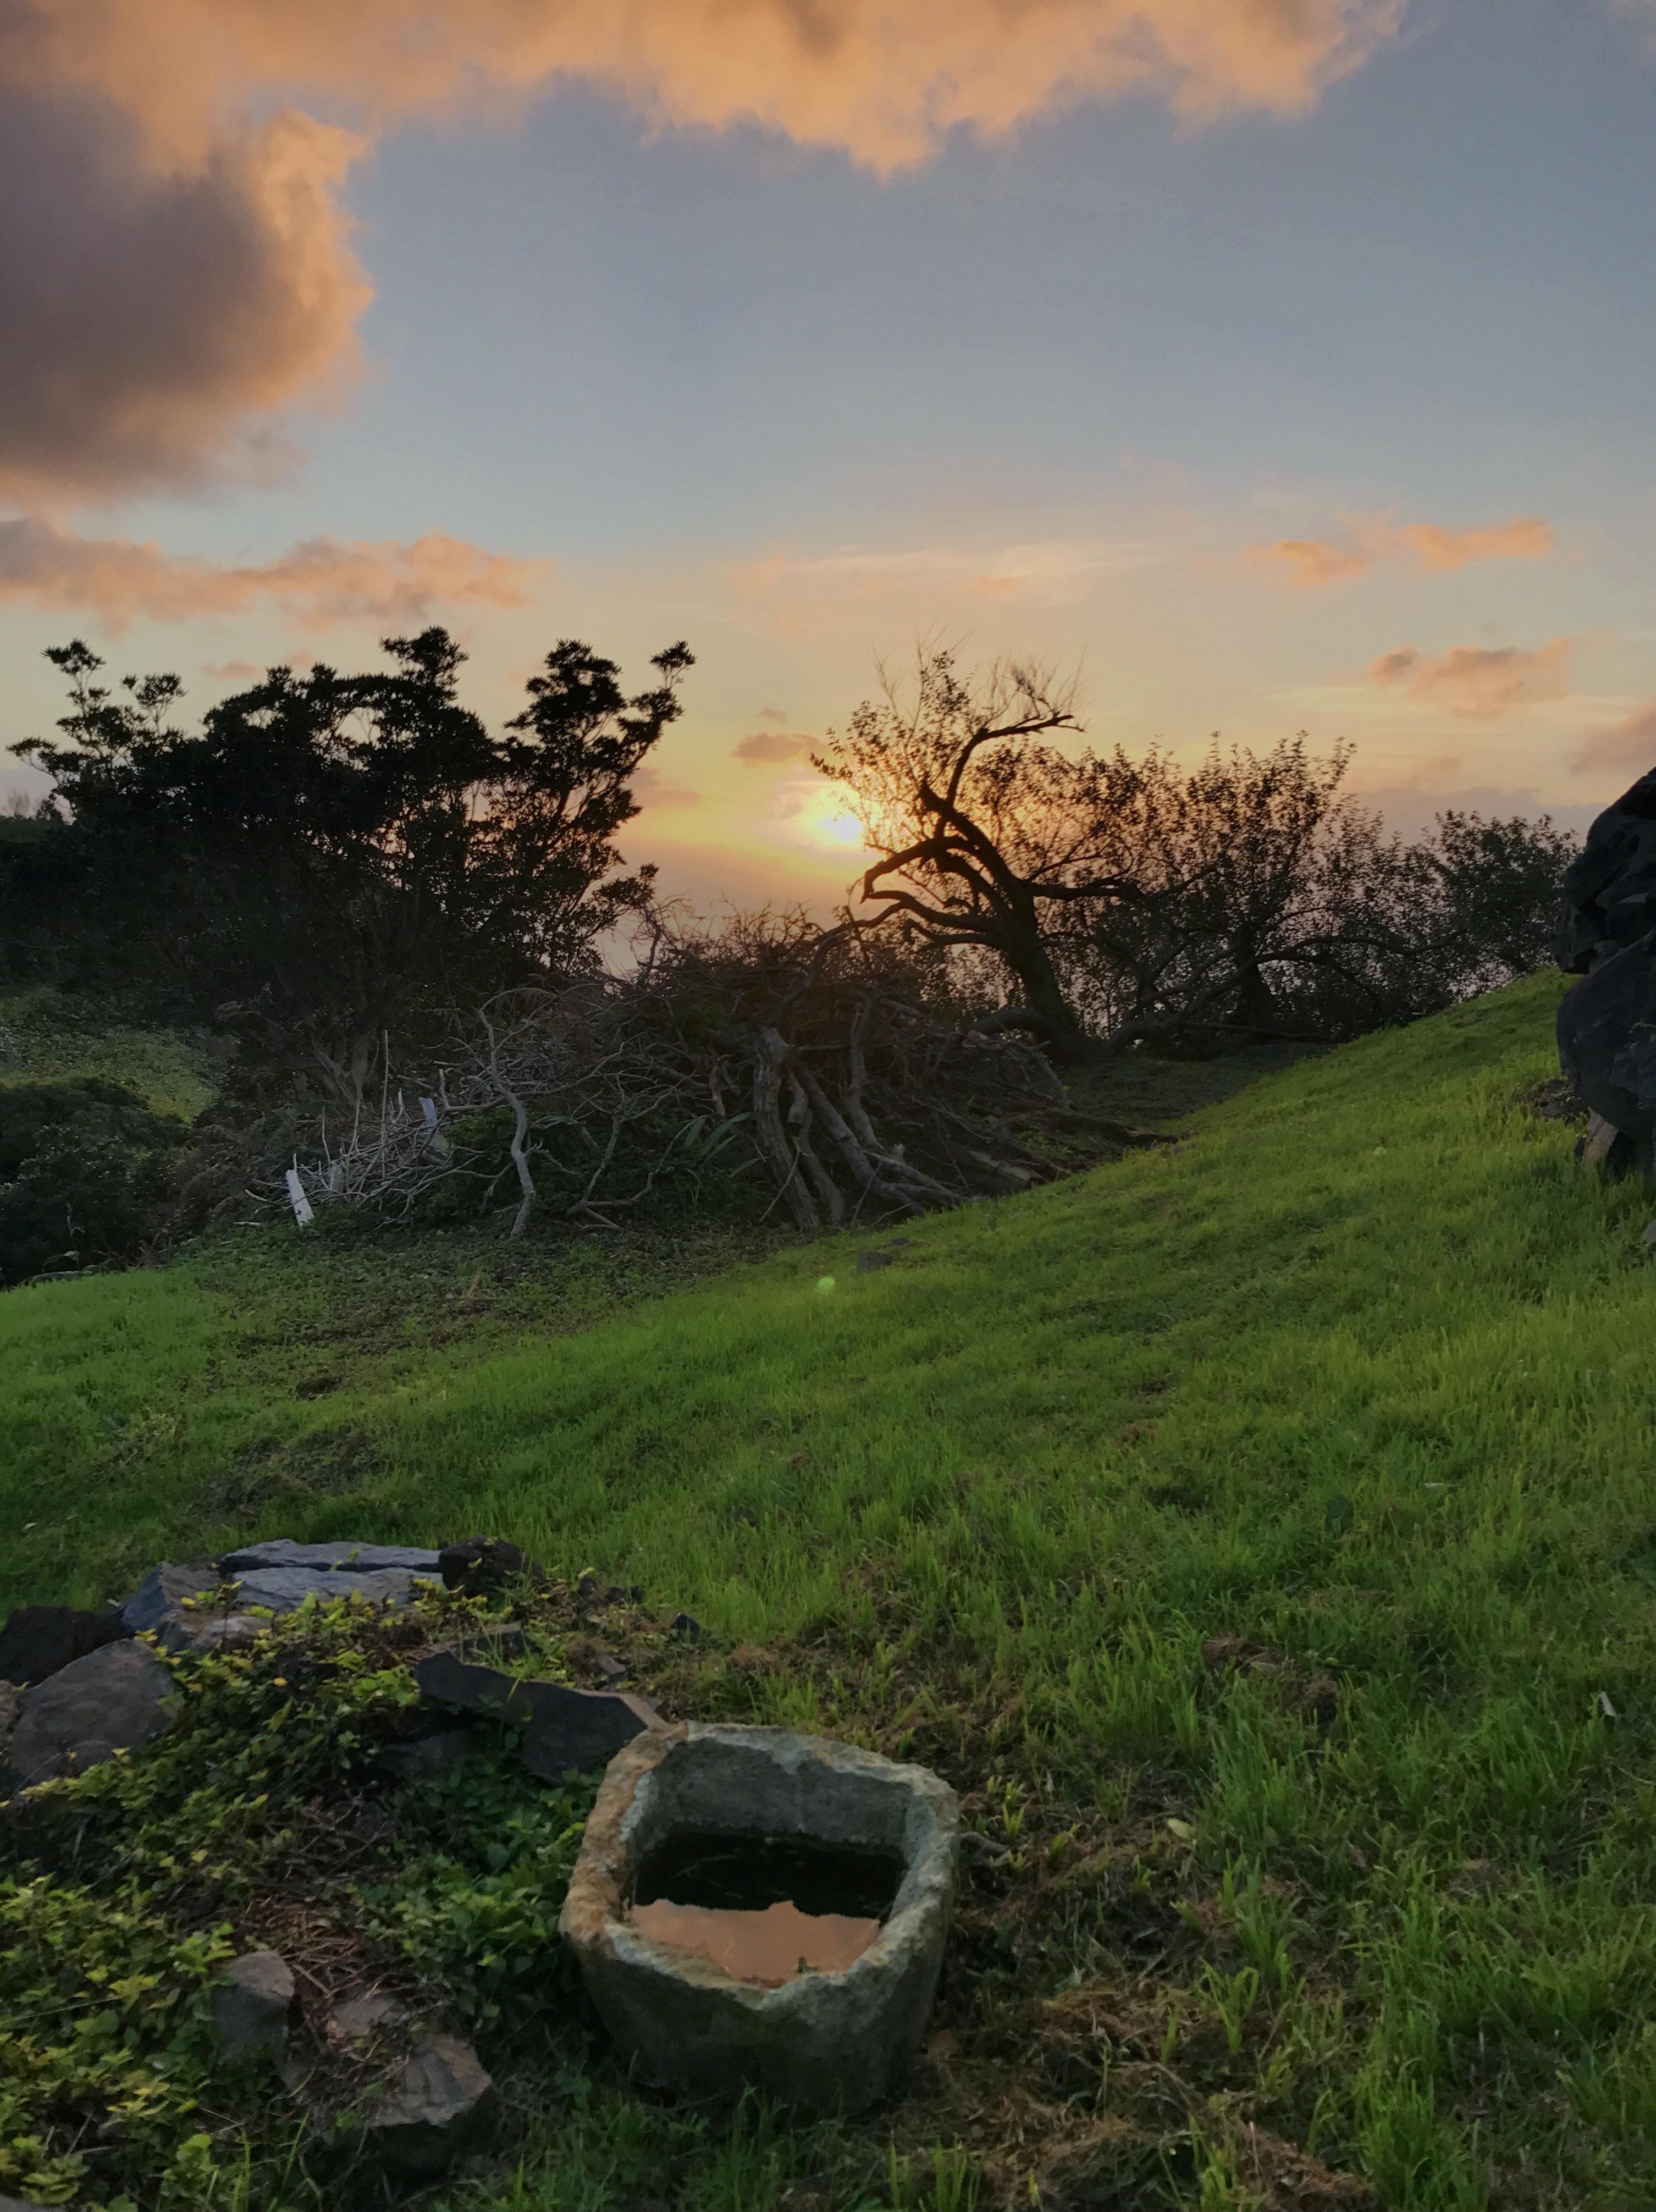 Gamelão da Casa da Ganhoa ao pôr-do-sol